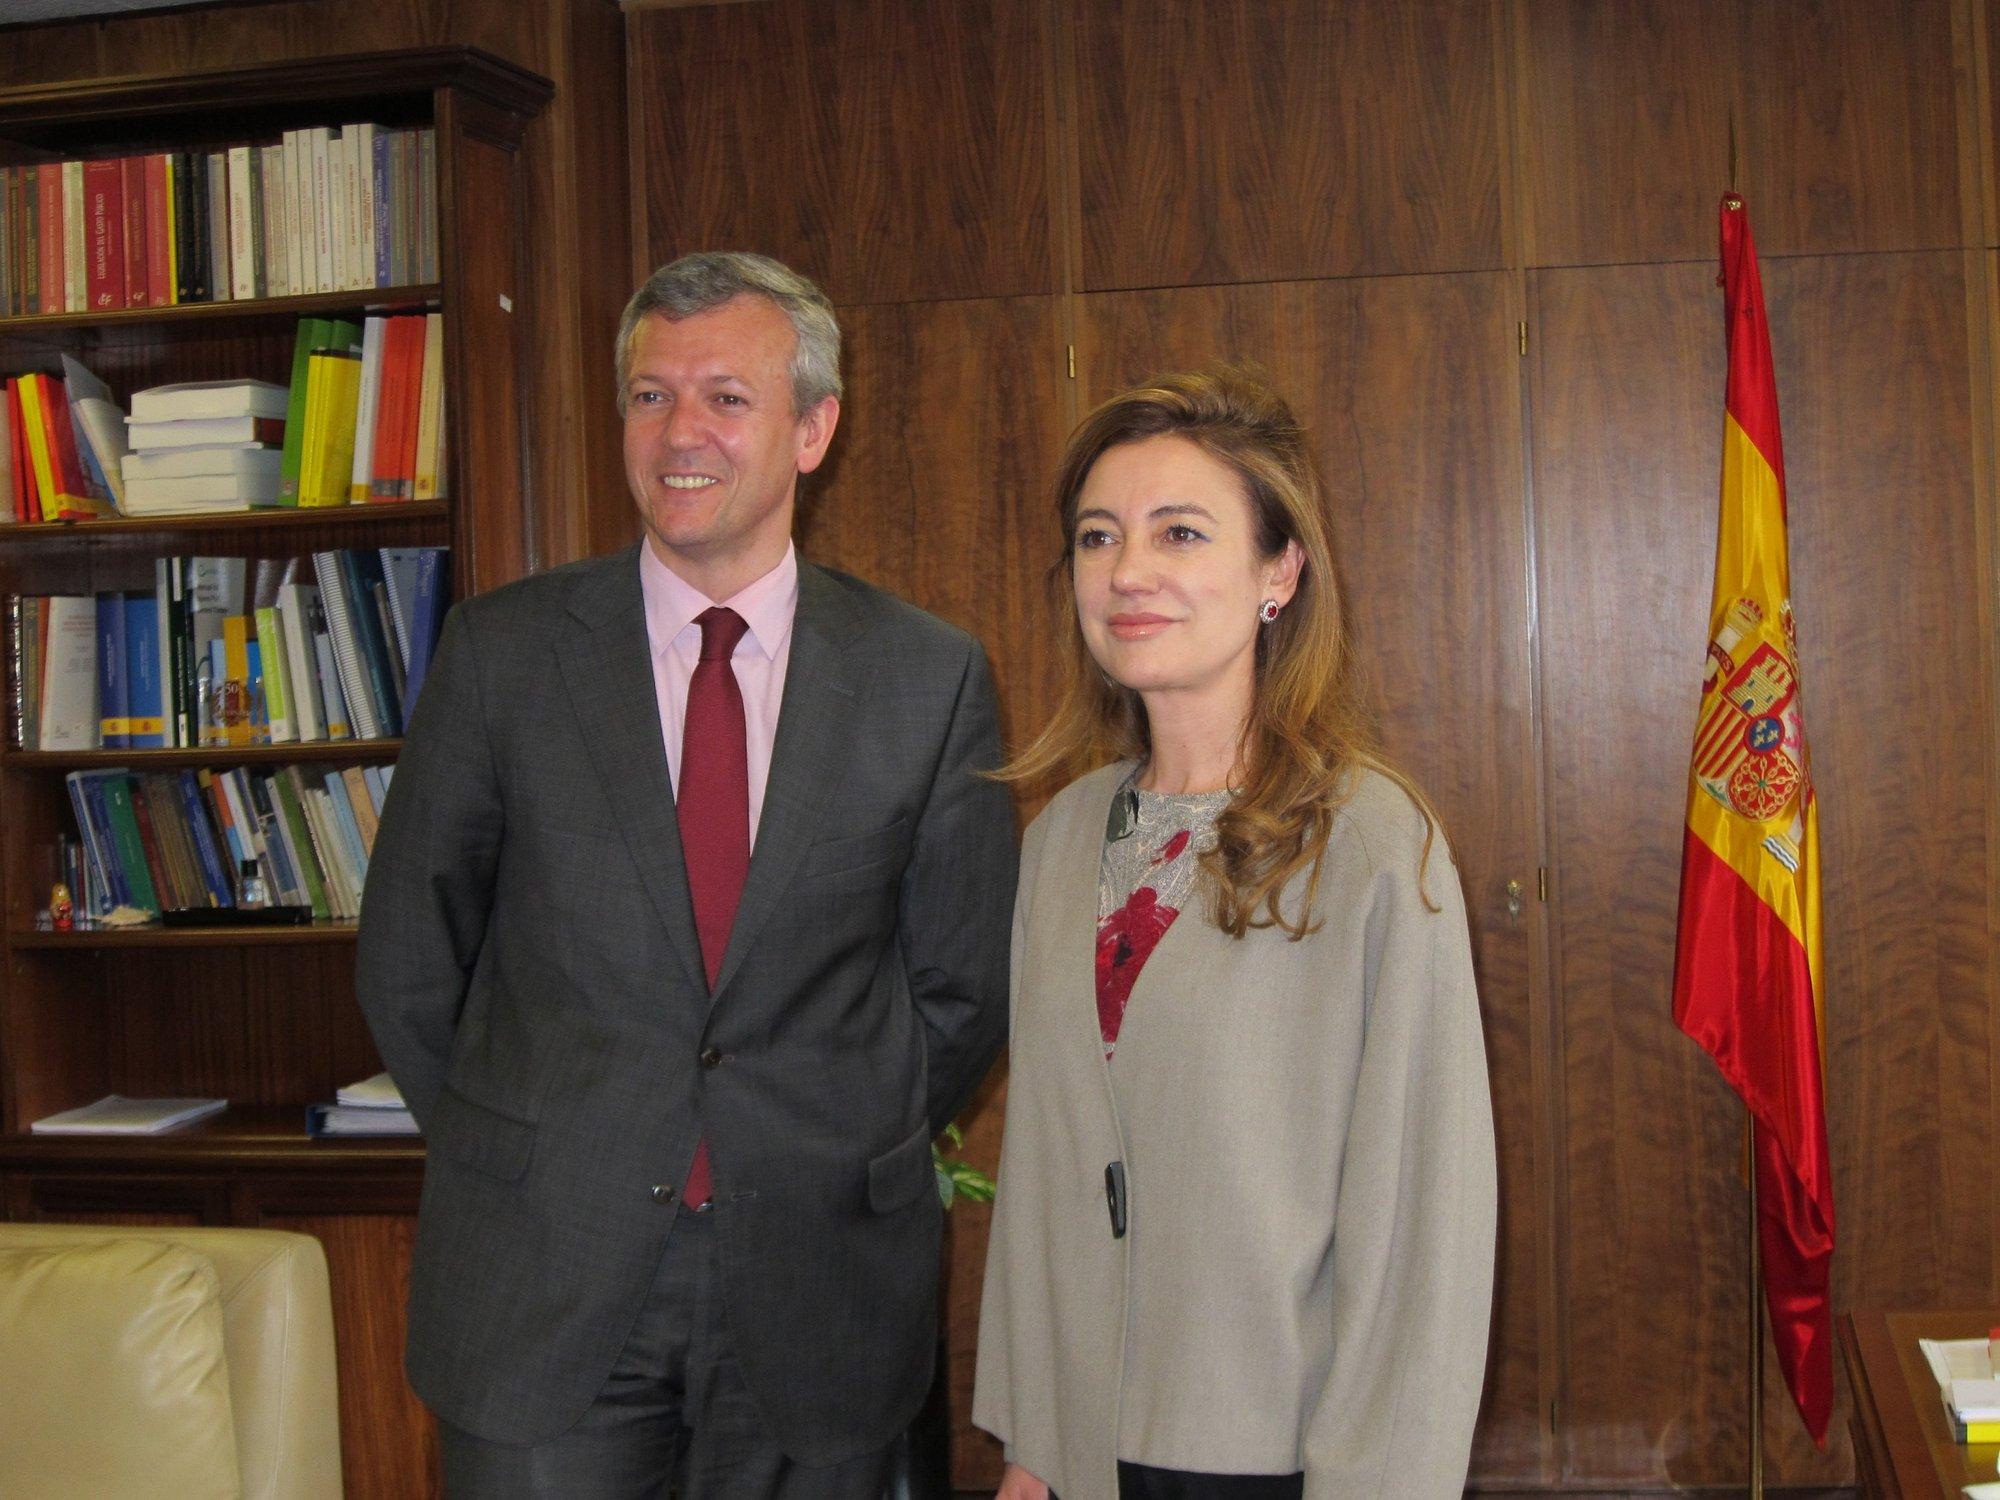 El Gobierno se compromete a trabajar para que Galicia tenga fondos europeos más allá de 2014